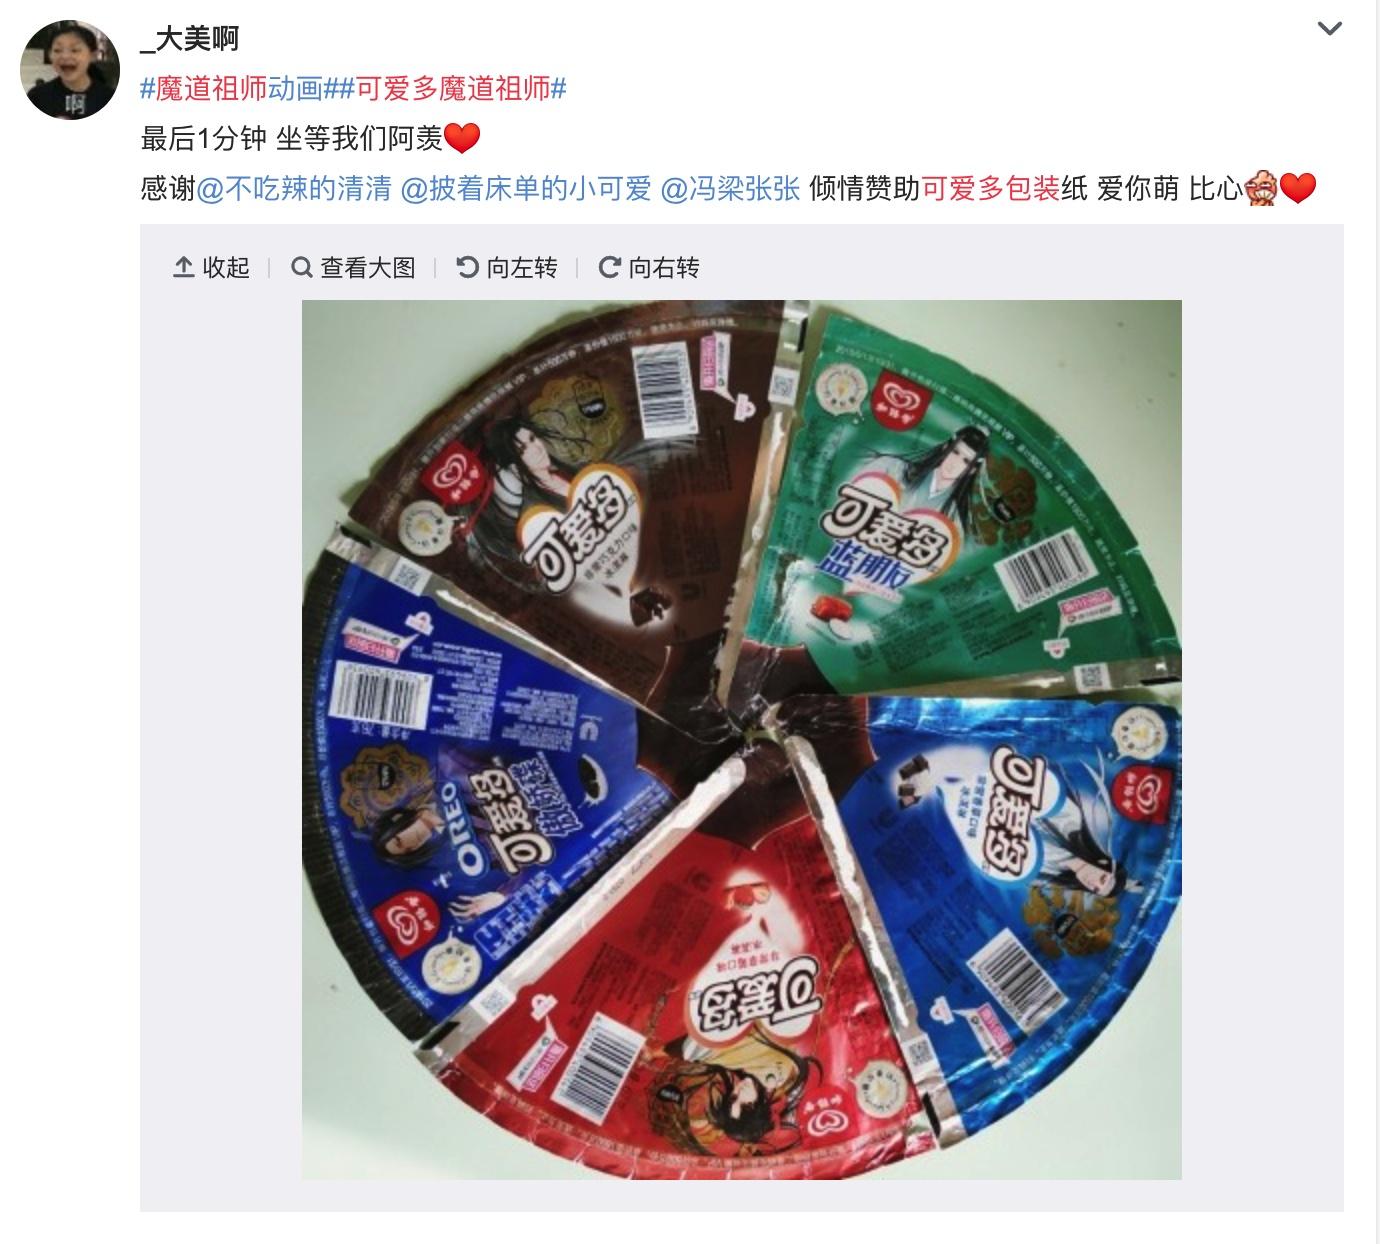 《魔道祖师》限量包装的可爱多产品上市后立刻受到《魔道祖师》粉丝的